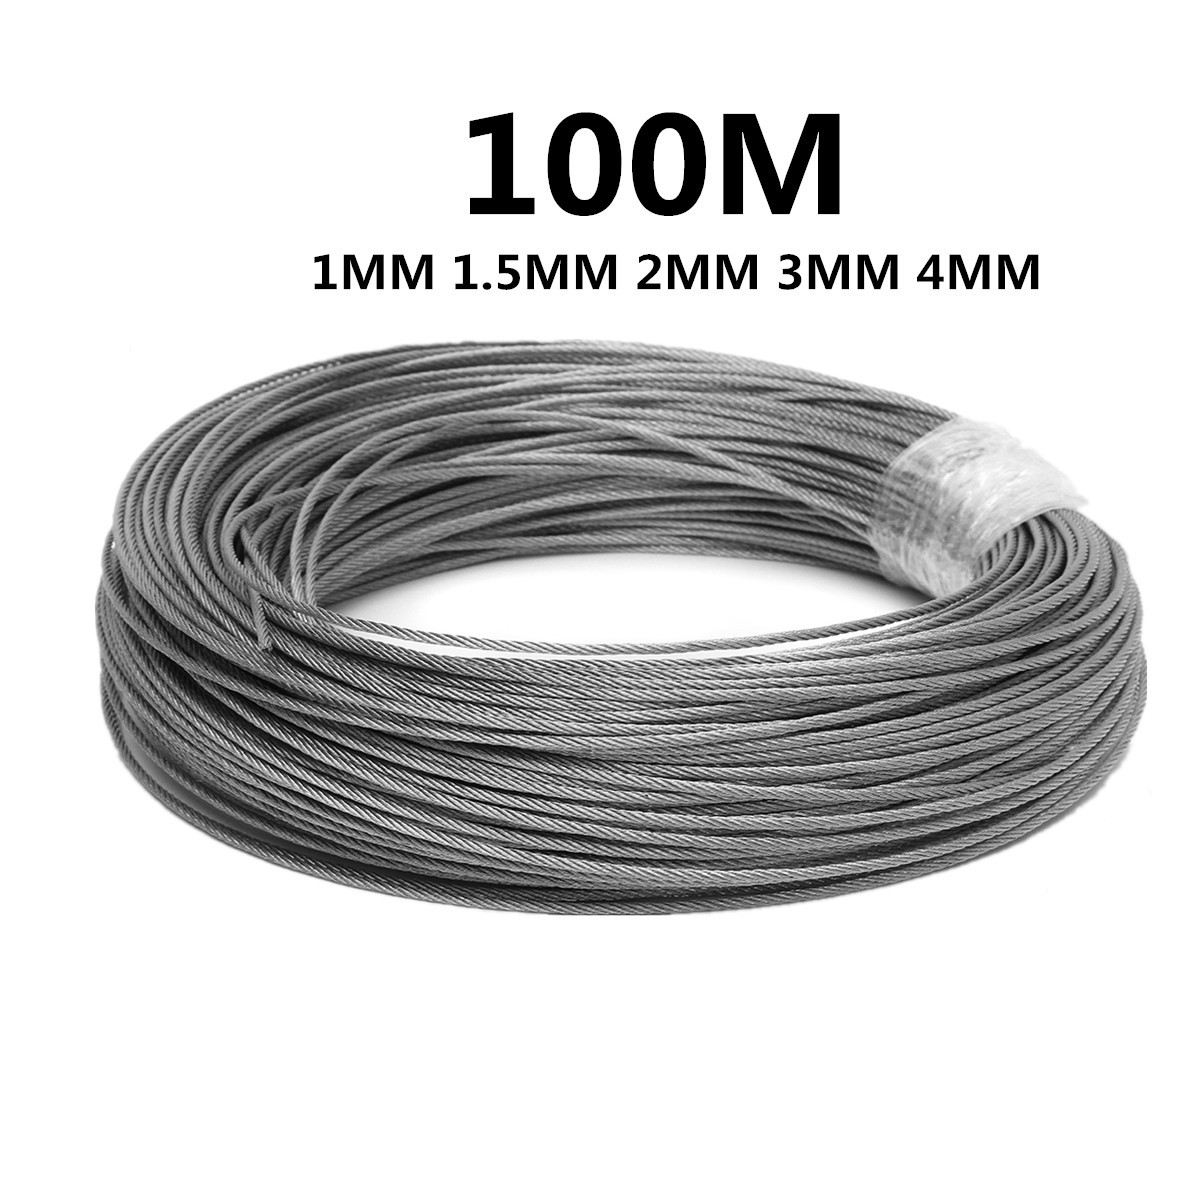 100M 50M304 paslanmaz çelik 1mm 1.5mm 2mm çap çelik tel çıplak halat kaldırma kablosu hattı Clothesline paslanmaz çelik 7X7